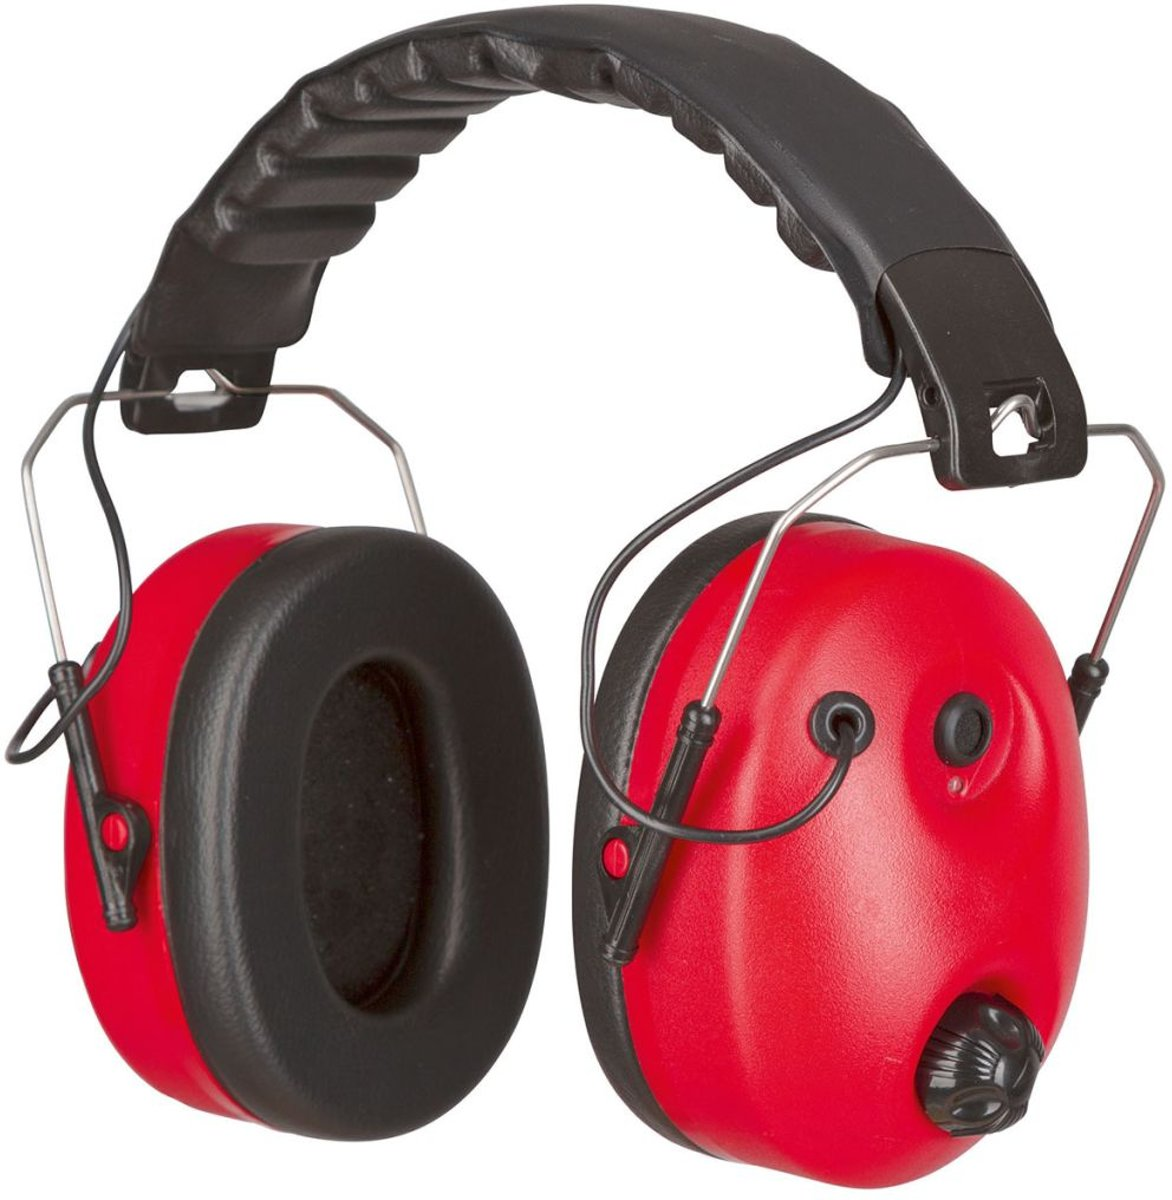 Gehoorbescherming Noise-Cancelling elektronisch SNR=27dB kopen